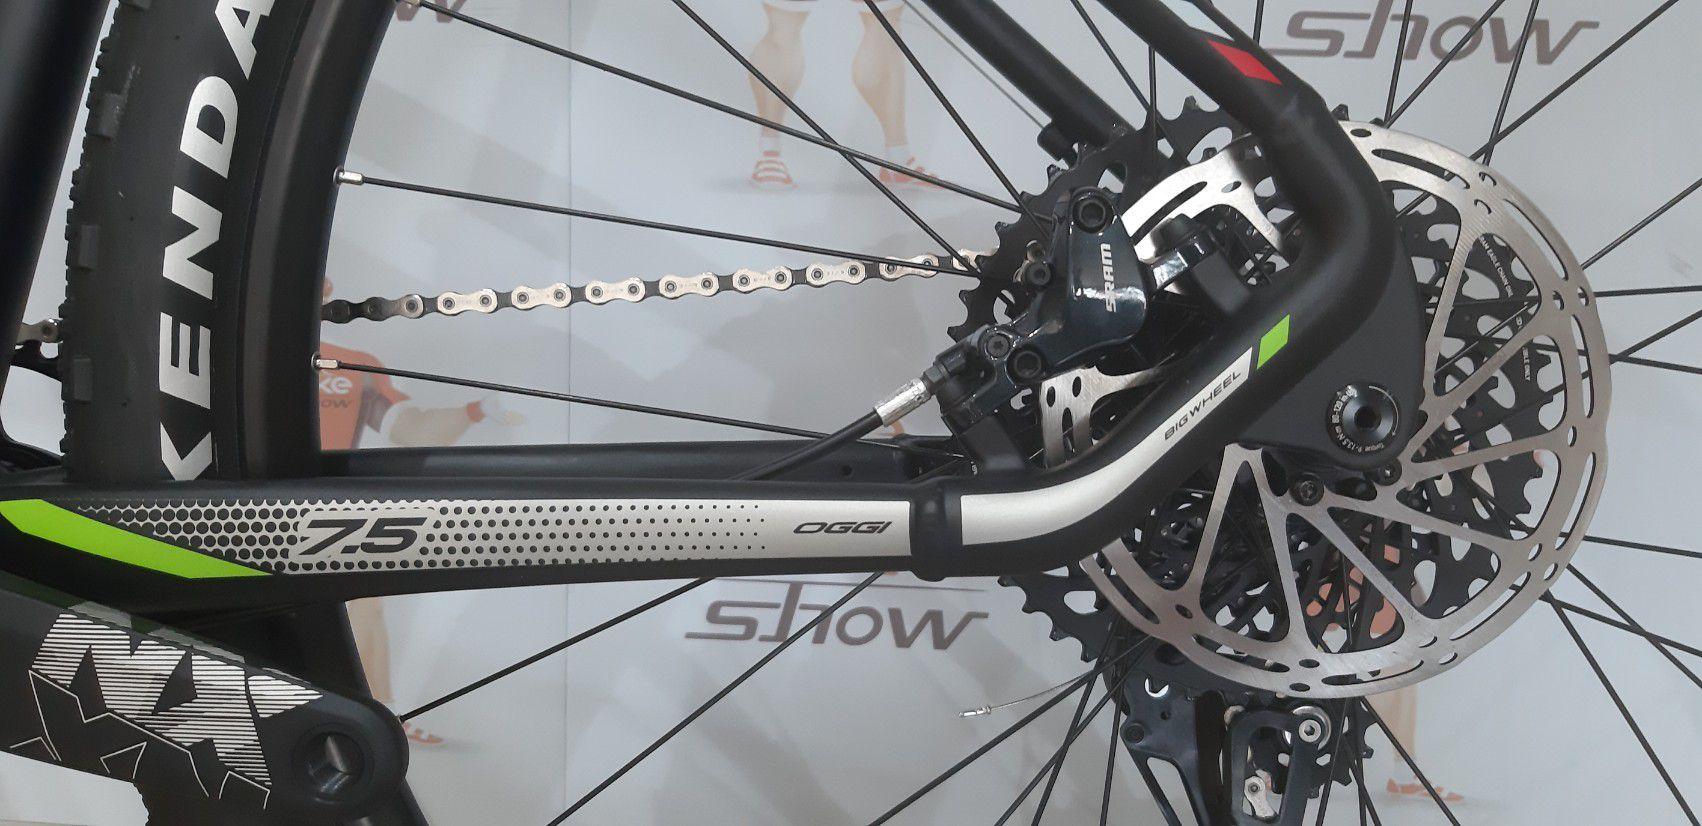 Bicicleta OGGI Big Whell 7.5 aro 29 - 12v SRAM NX com K7 10/50 dentes - Suspensão Manitou Machete Comp Air - PTO/PTA/VD